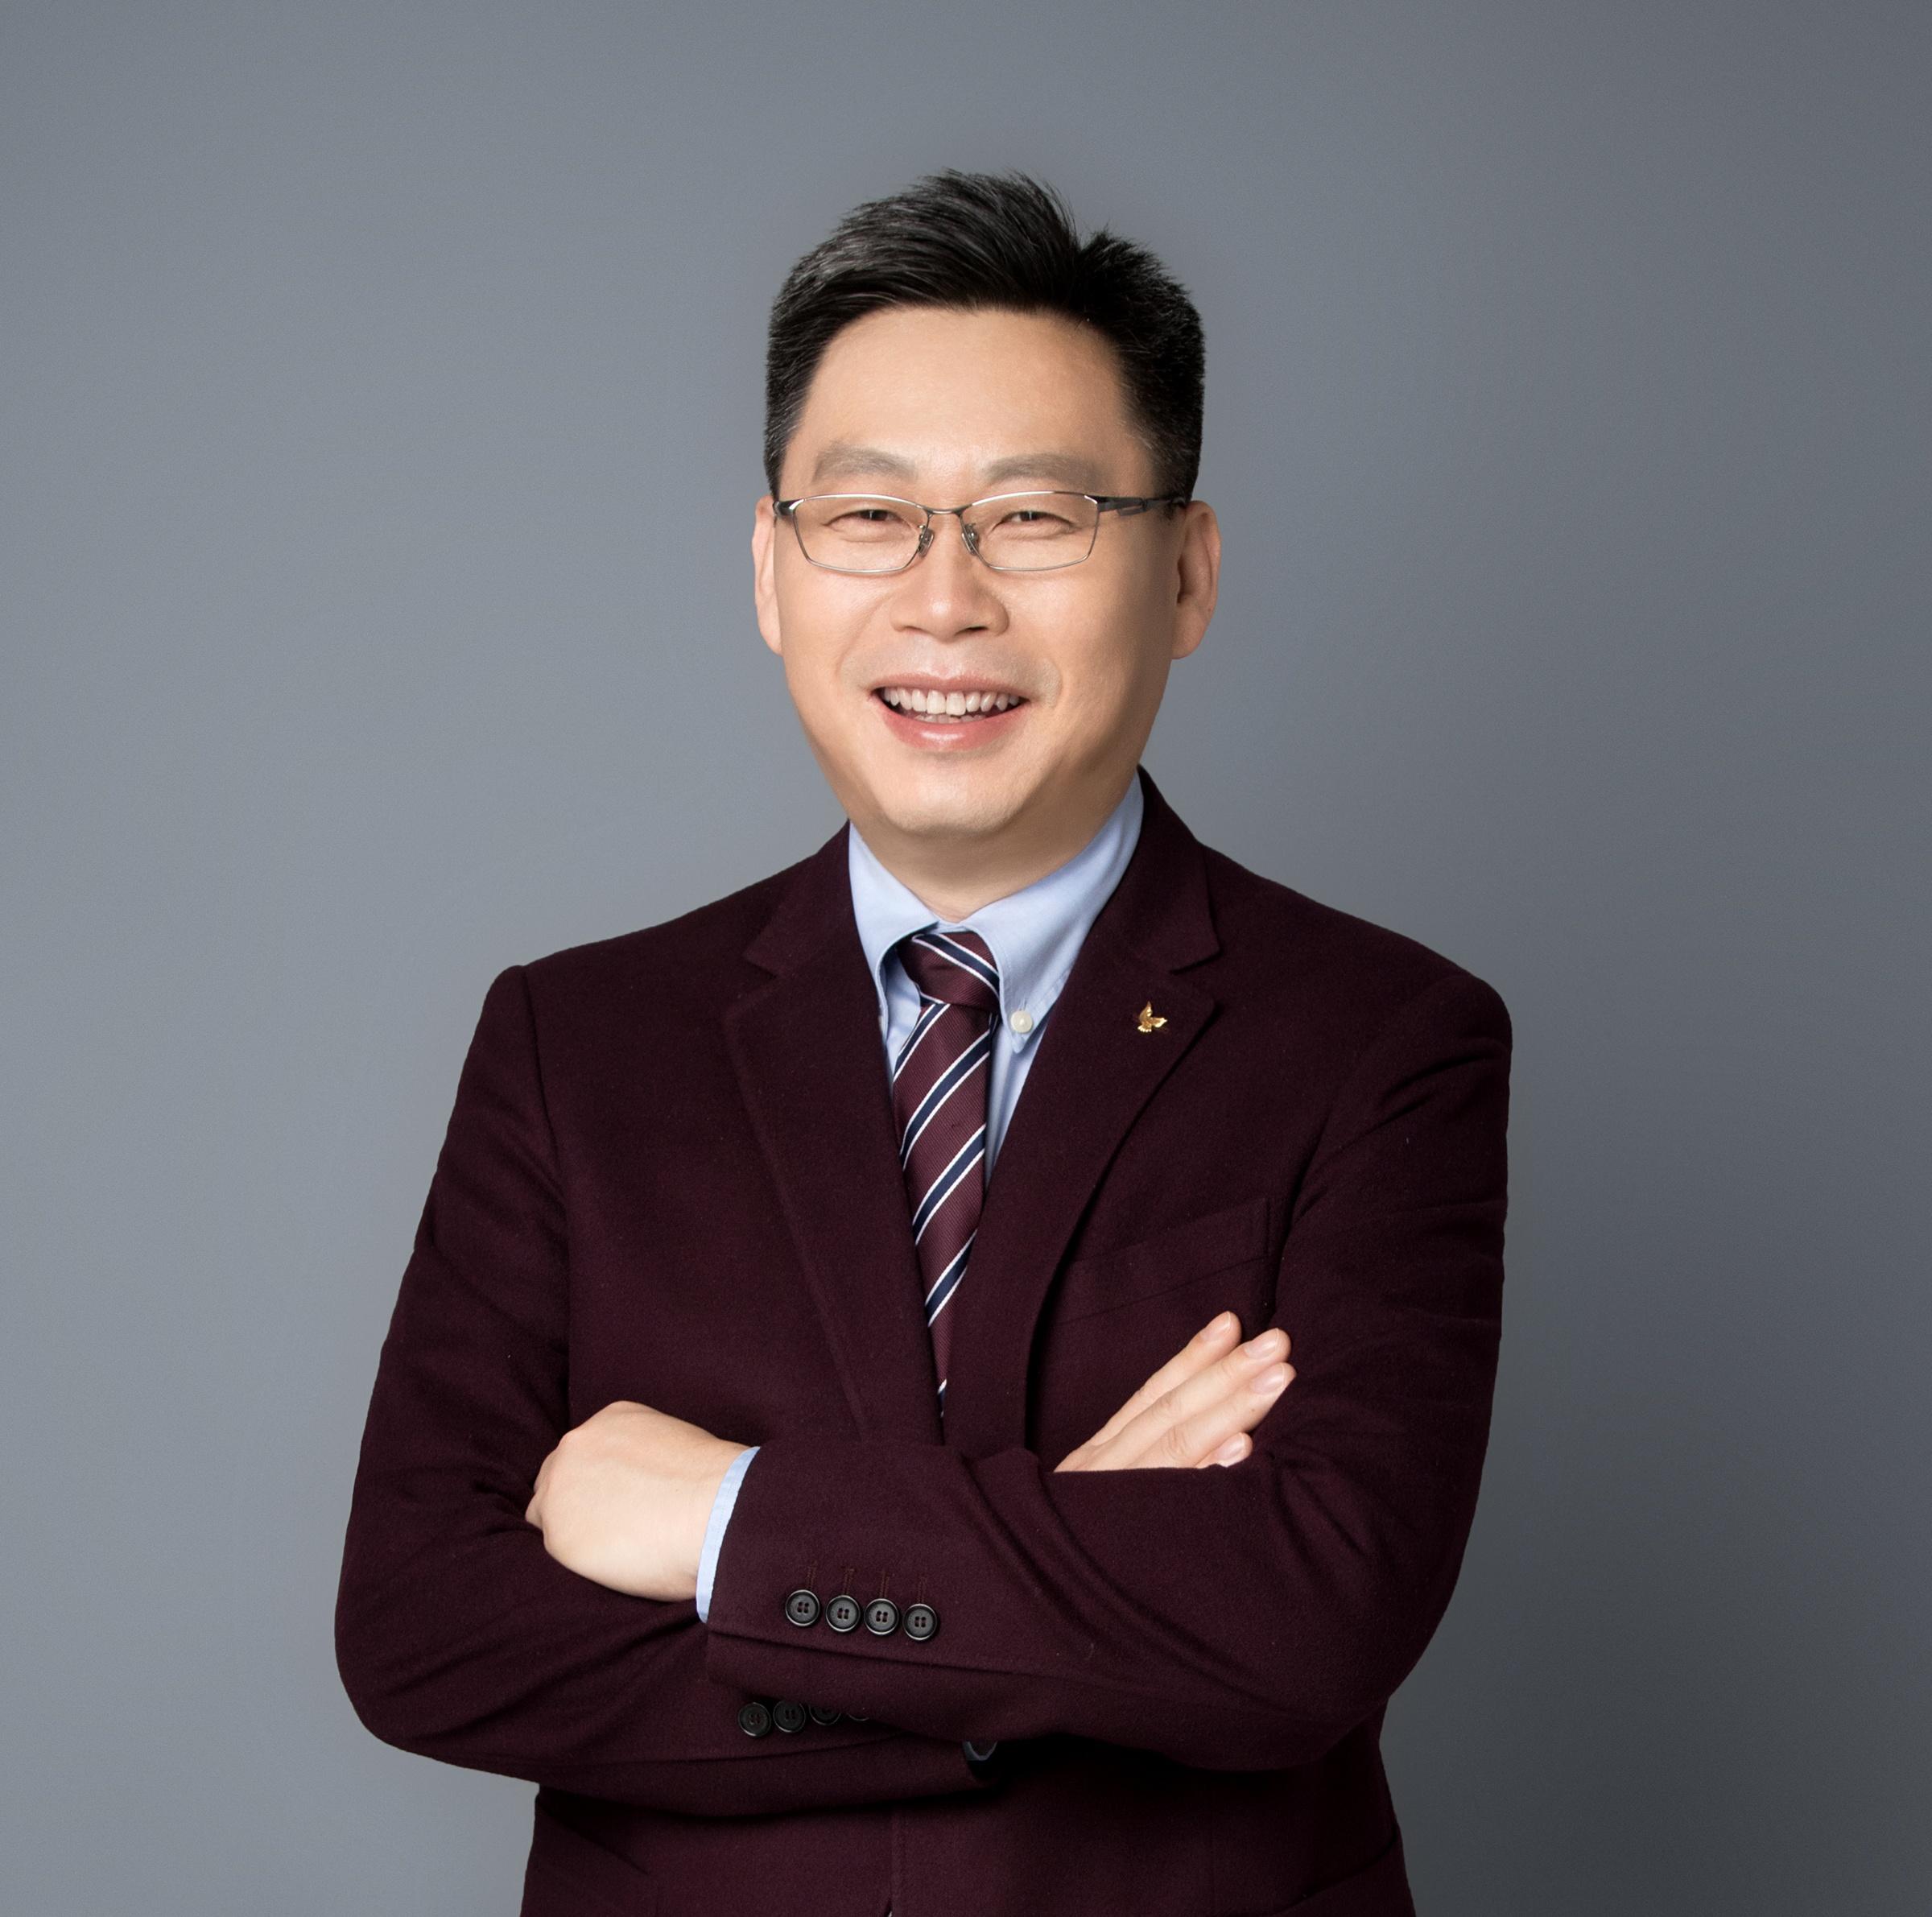 易宝支付CTO陈斌:未来安全一定更加趋于智能化!